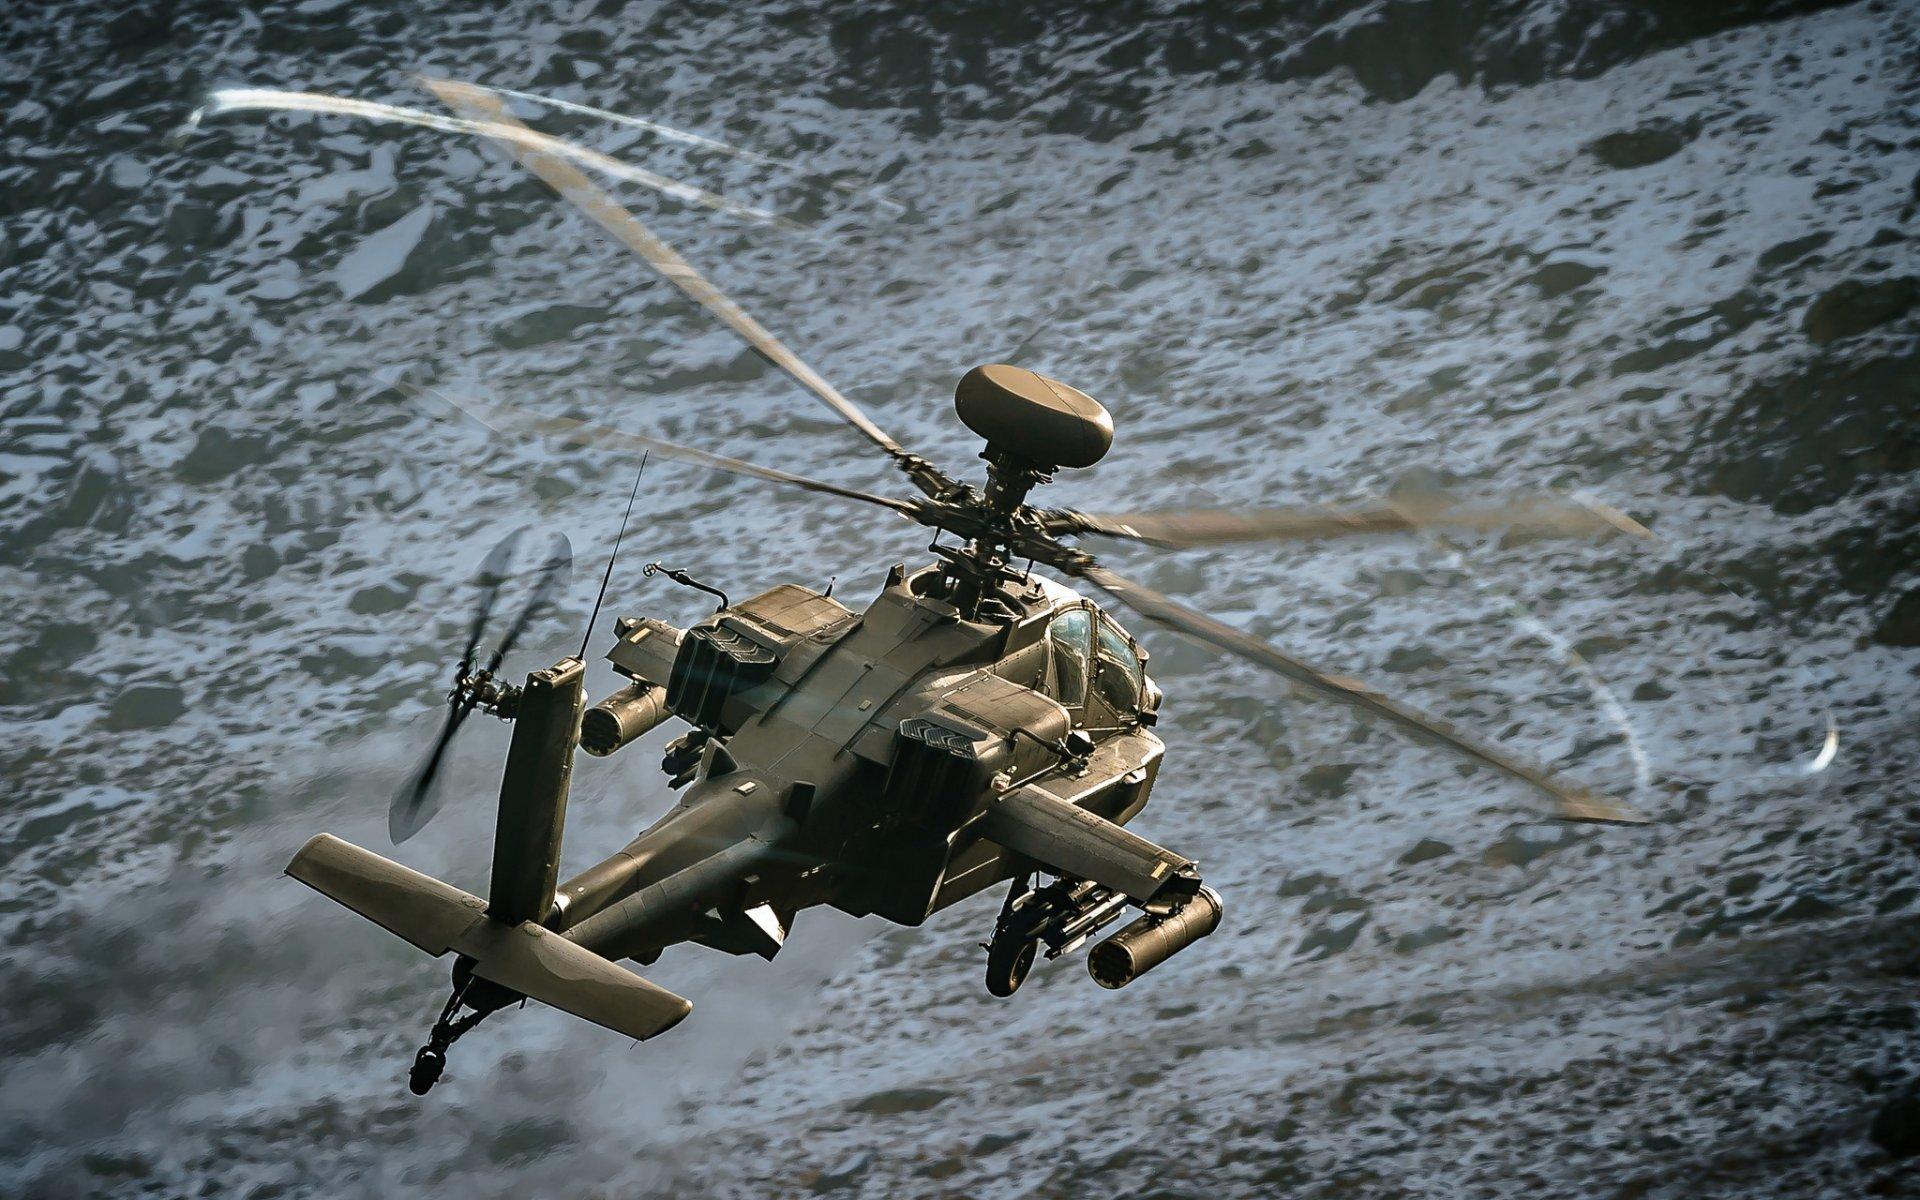 Обои ah-64 «апач», основной, ударный, apache. Авиация foto 14